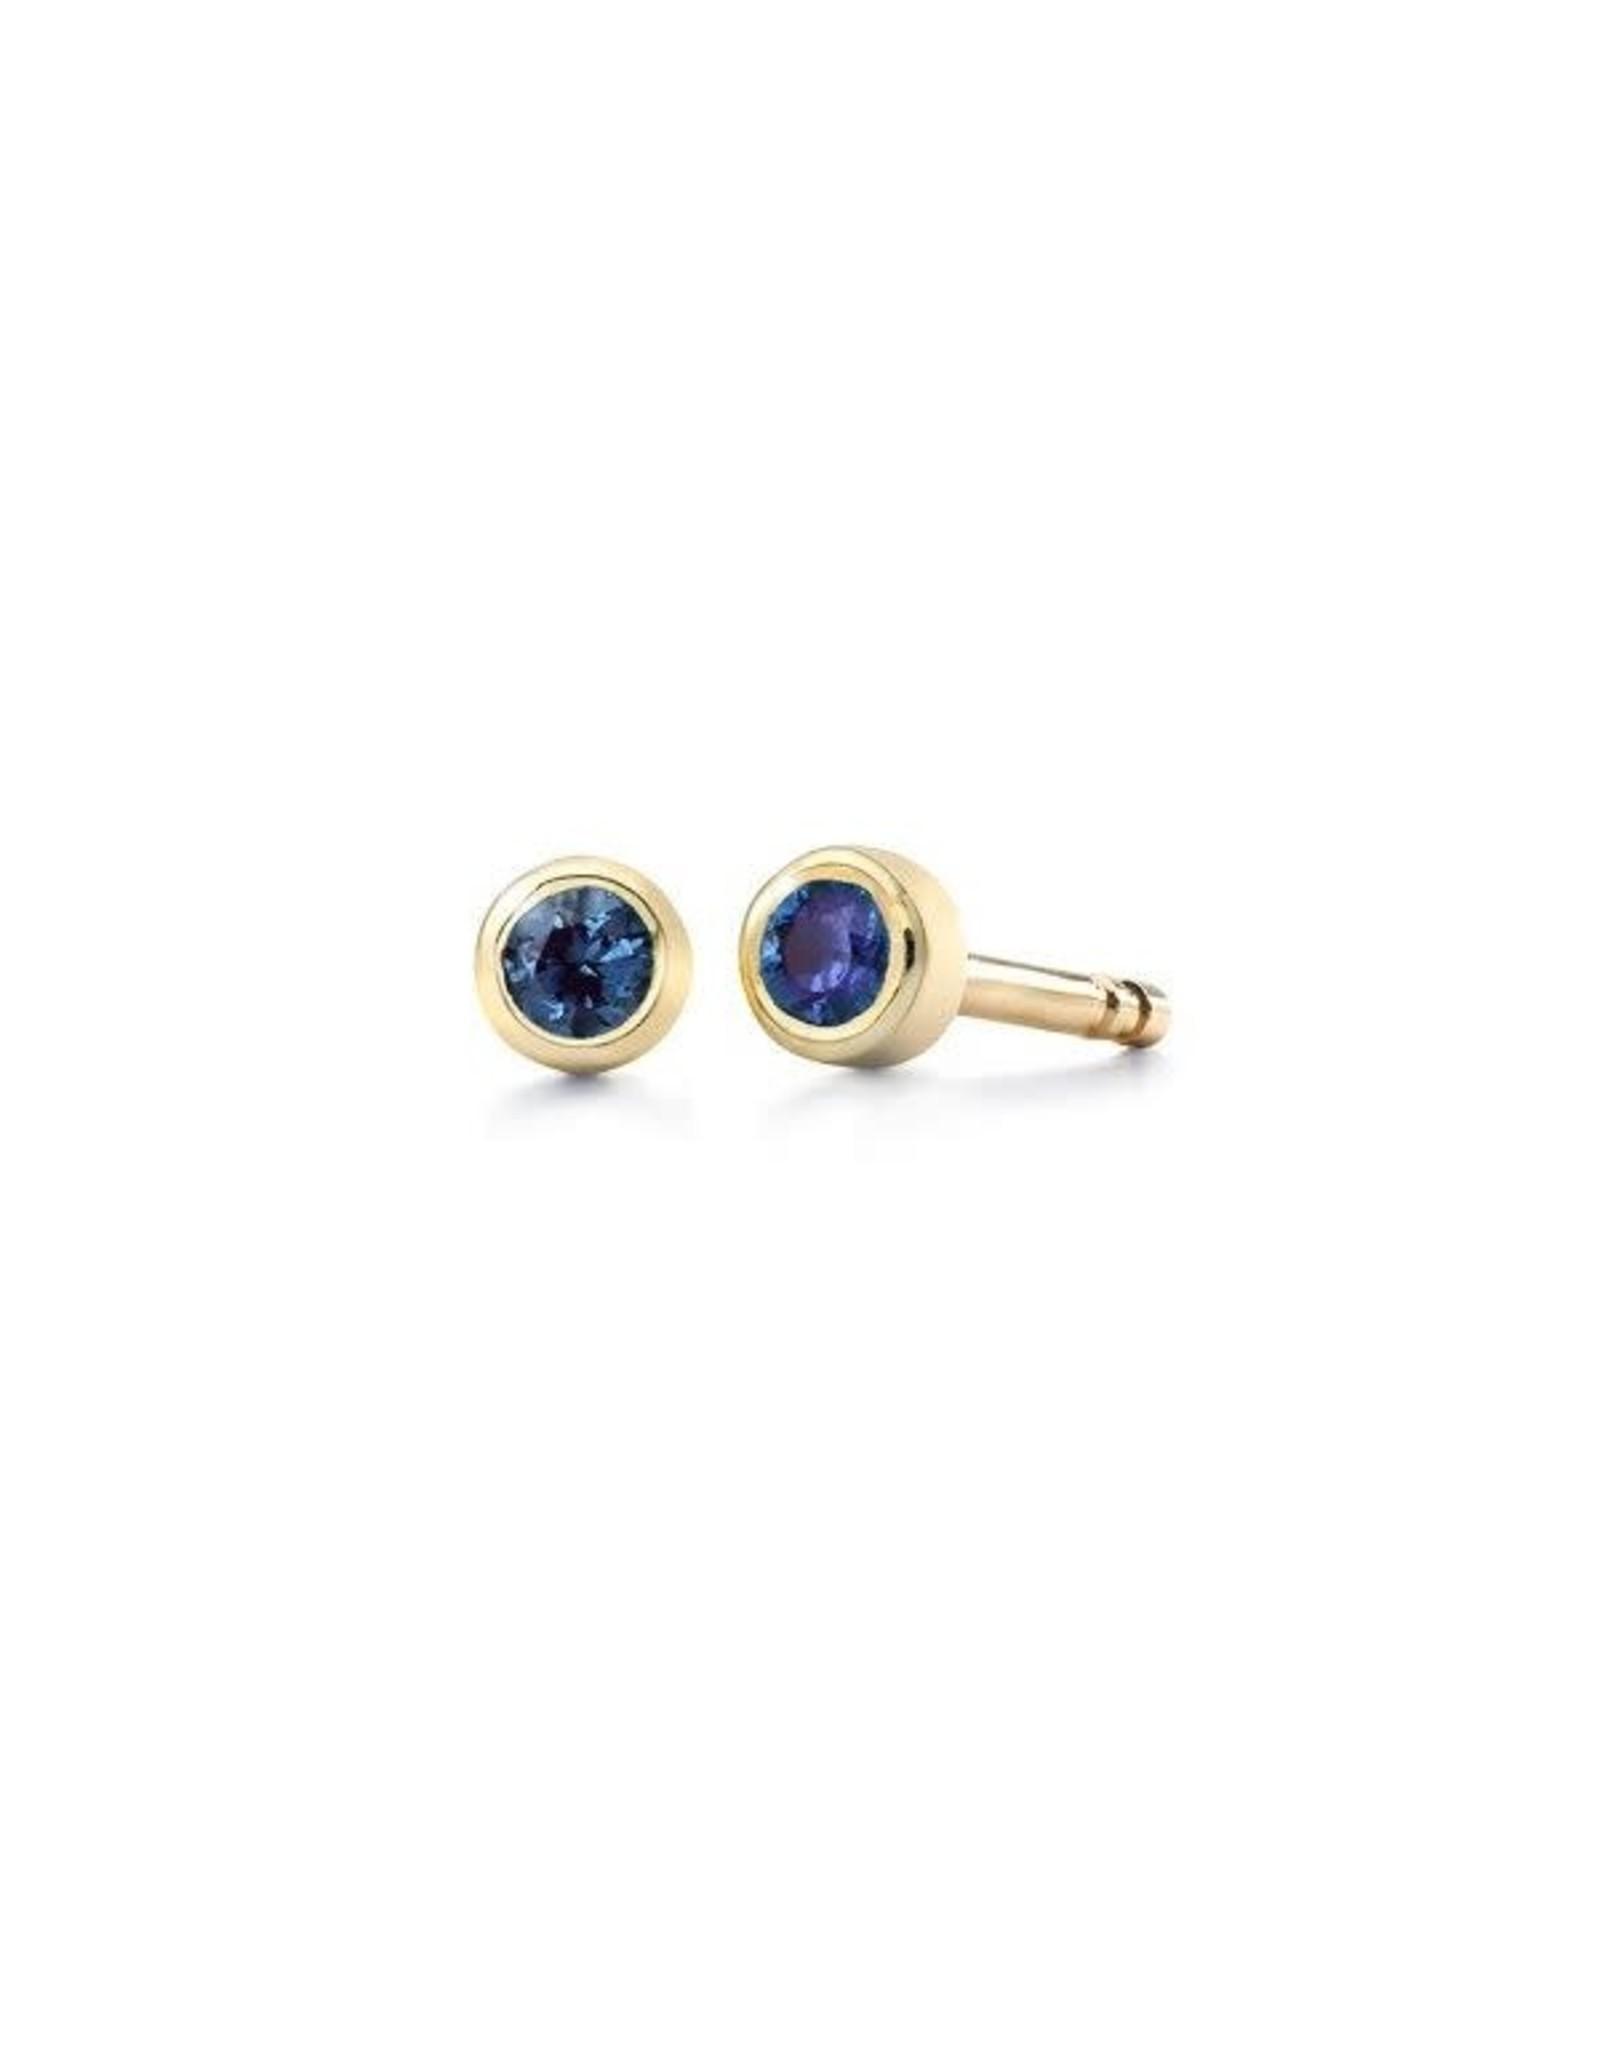 Miss Spring Oorbellen Button Geel Goud 18kt MSO024GG-BS Blauw Saffier